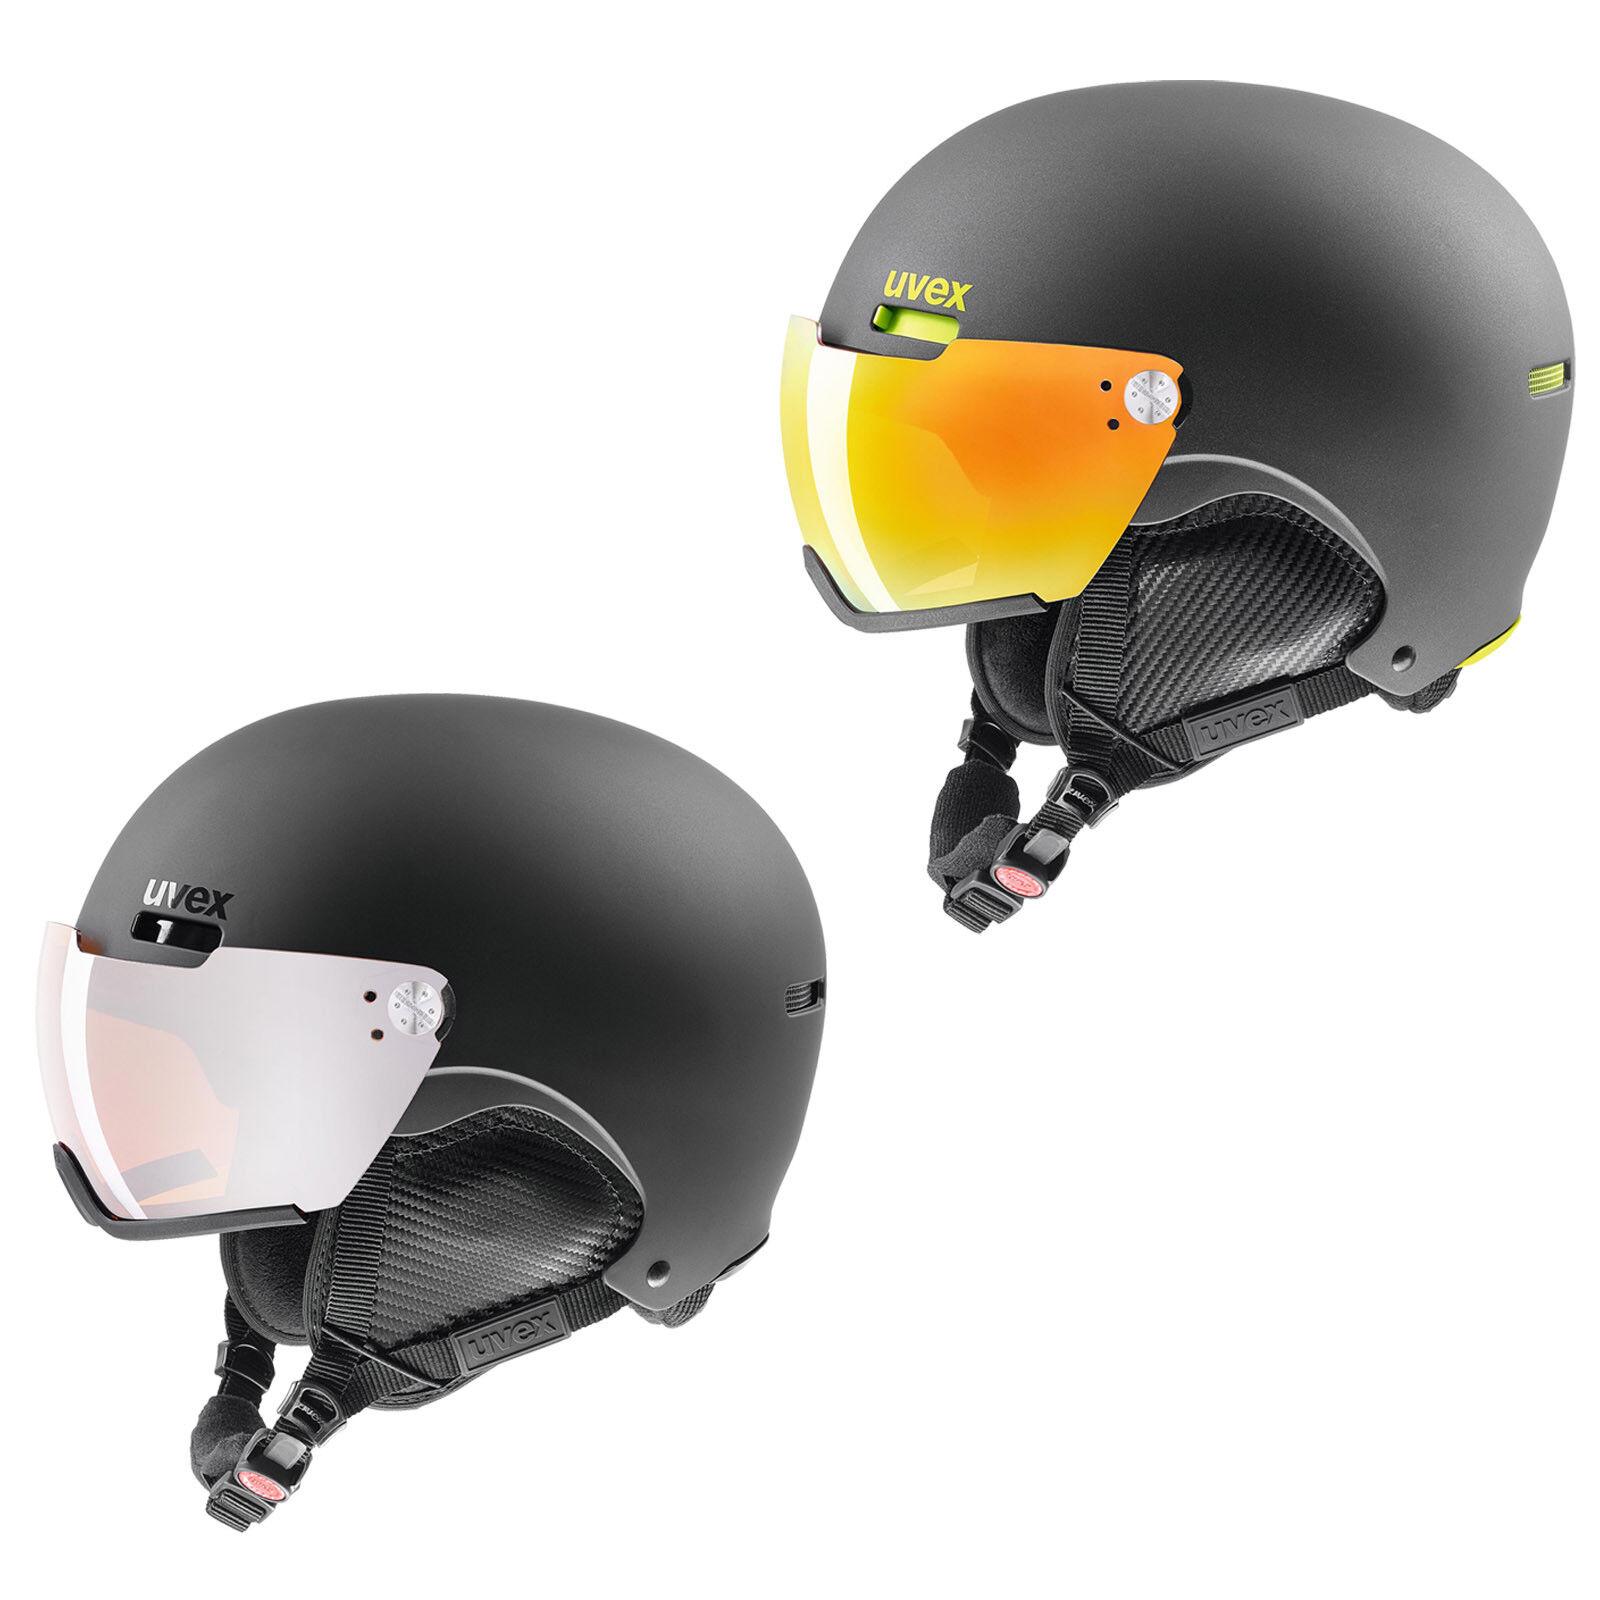 Uvex Helmet 500 Visor Ski Helmet the High-End